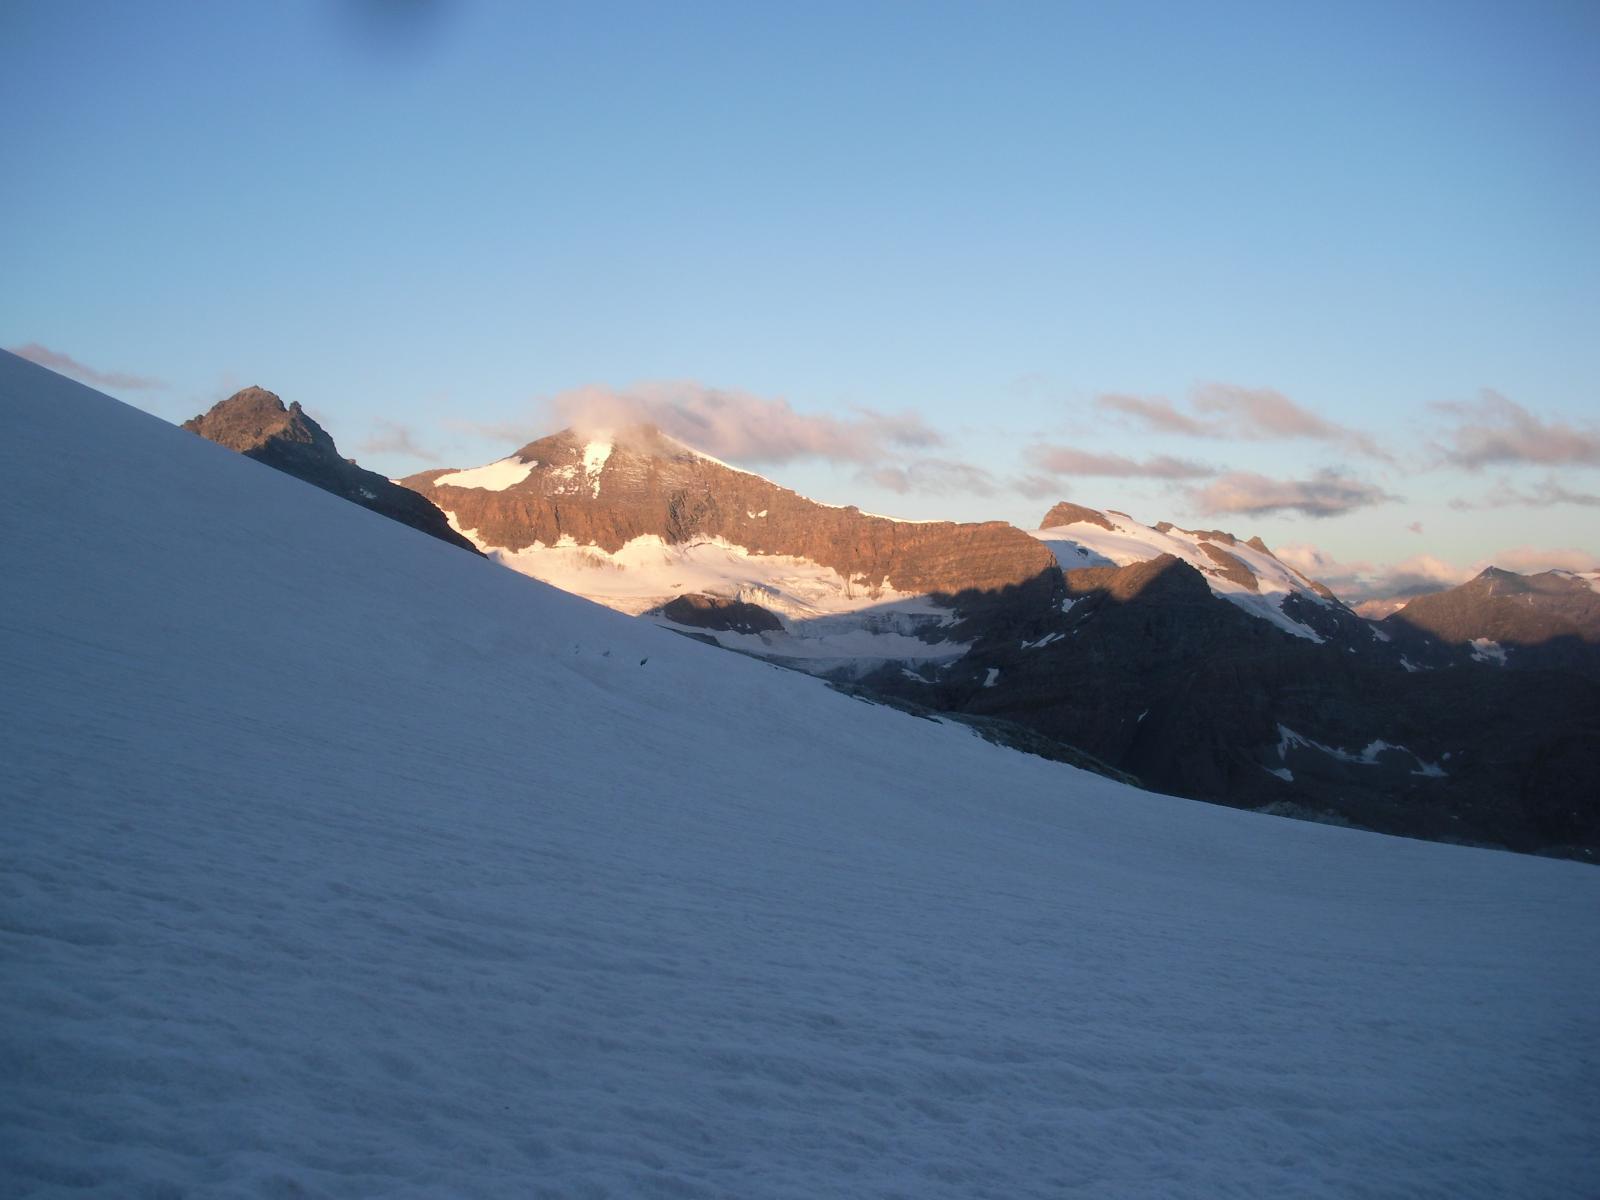 L'Albaron di Savoia dal  Glacier du Gran Mean all'alba..